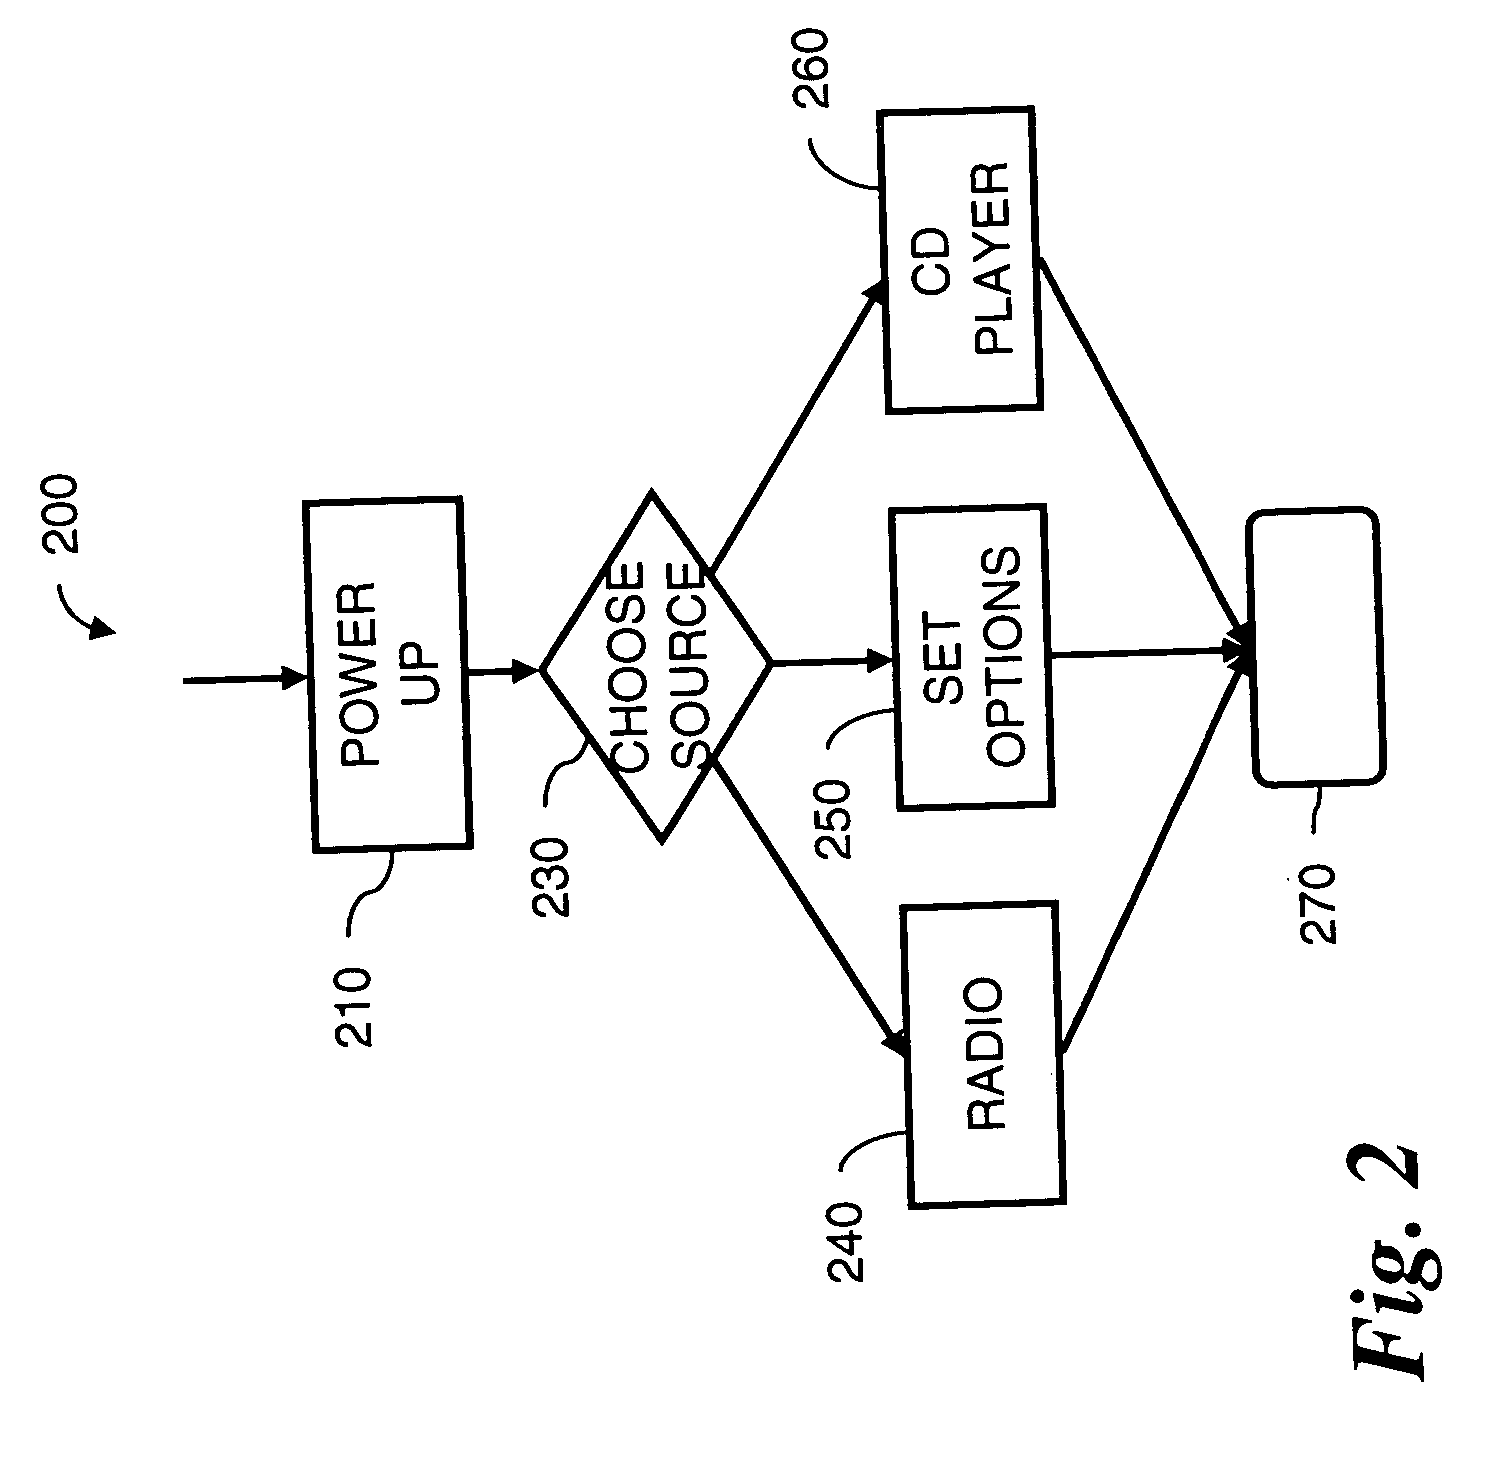 patent us20060253839